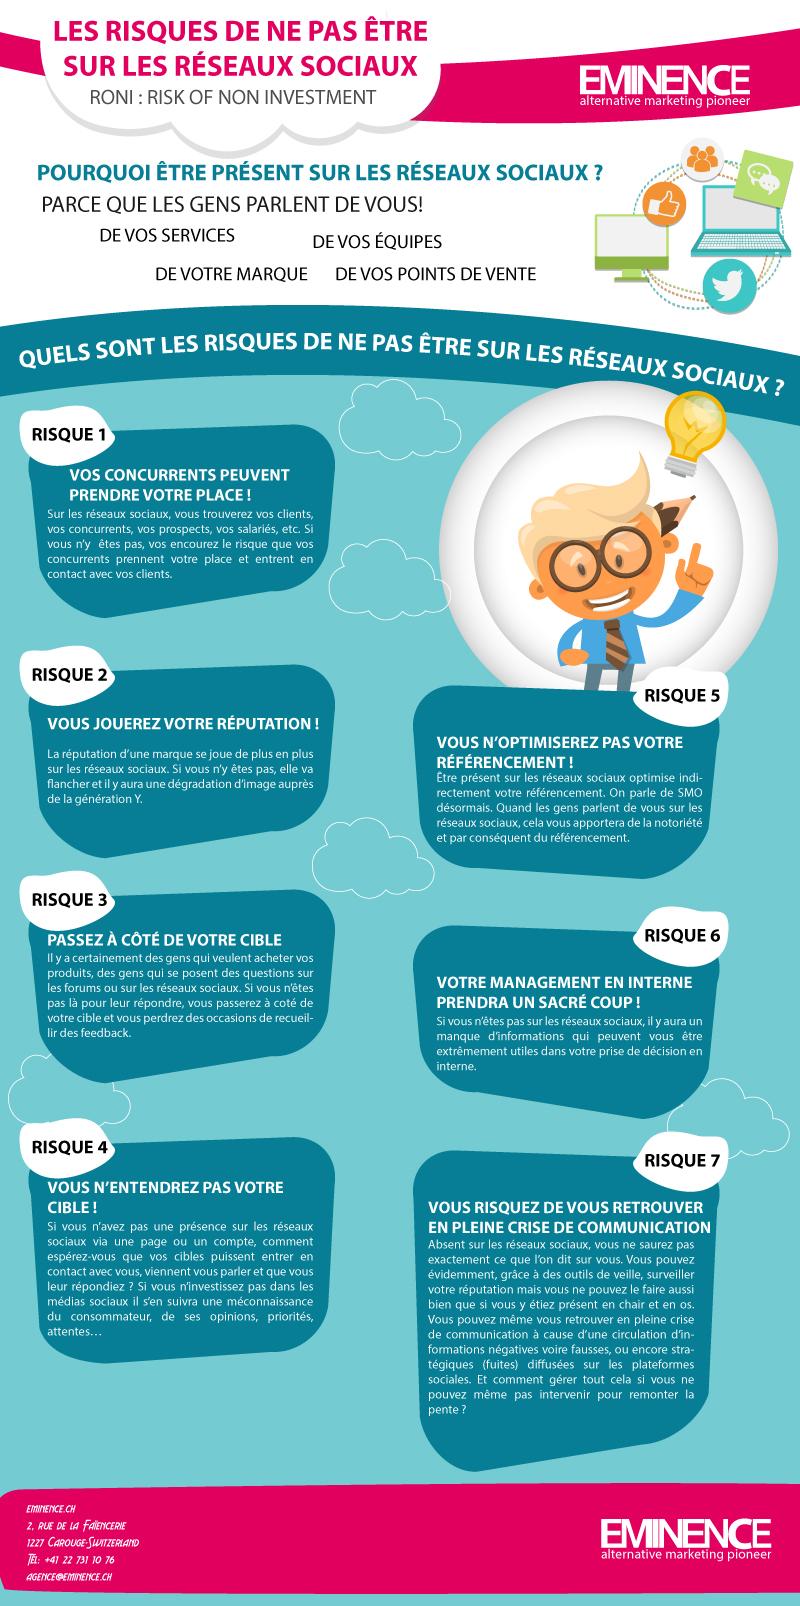 Brief infographie - les risques de ne pas être sur les réseaux sociaux  (RONI  risk of non investment)